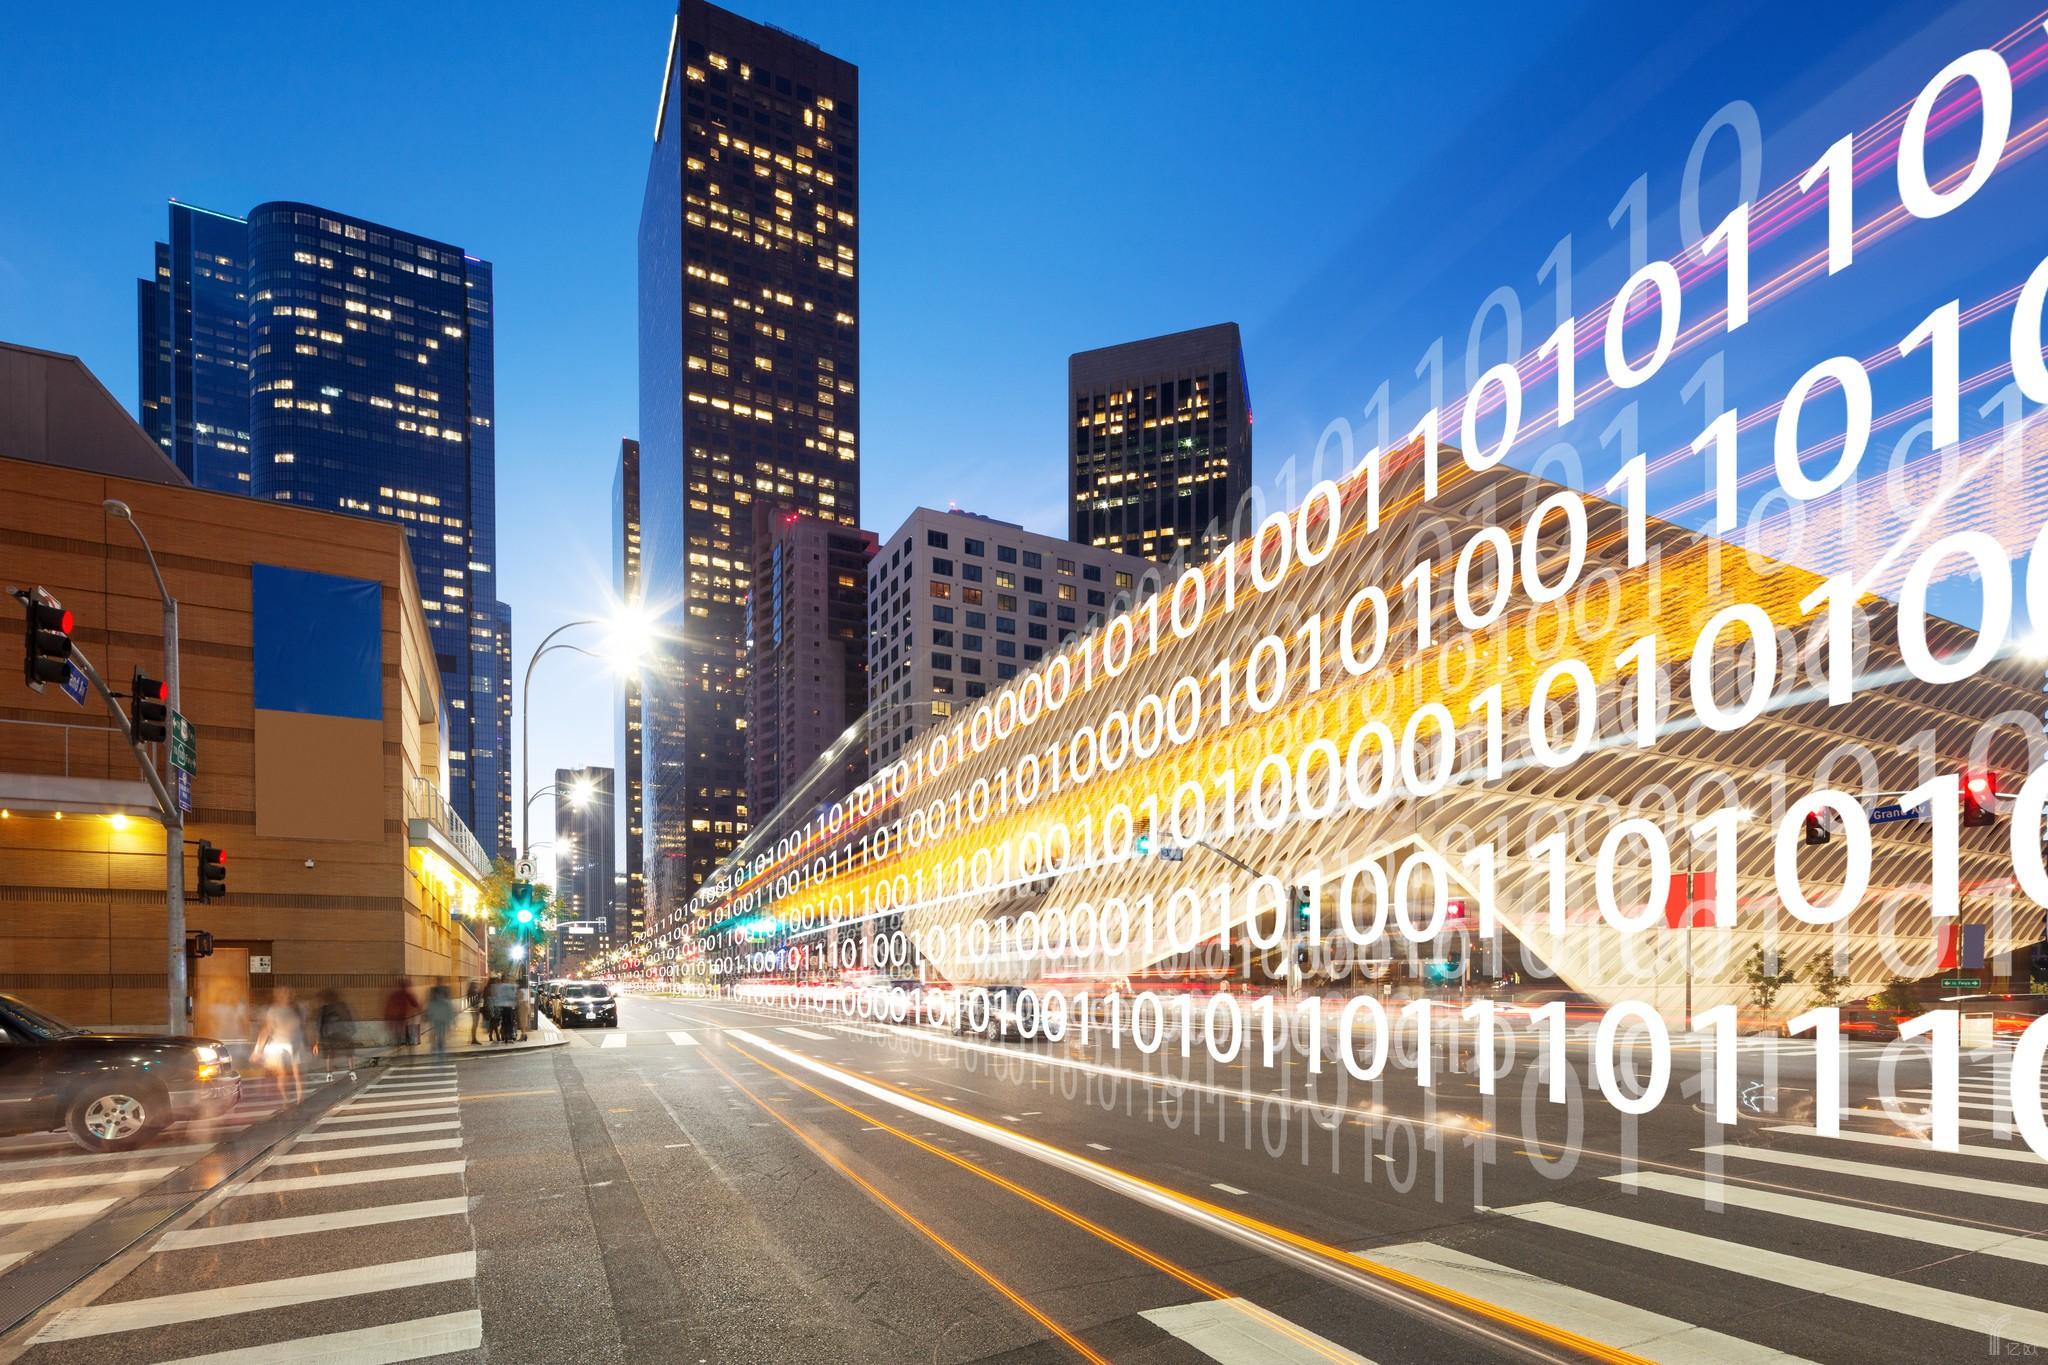 ,智慧交通,大数据时代